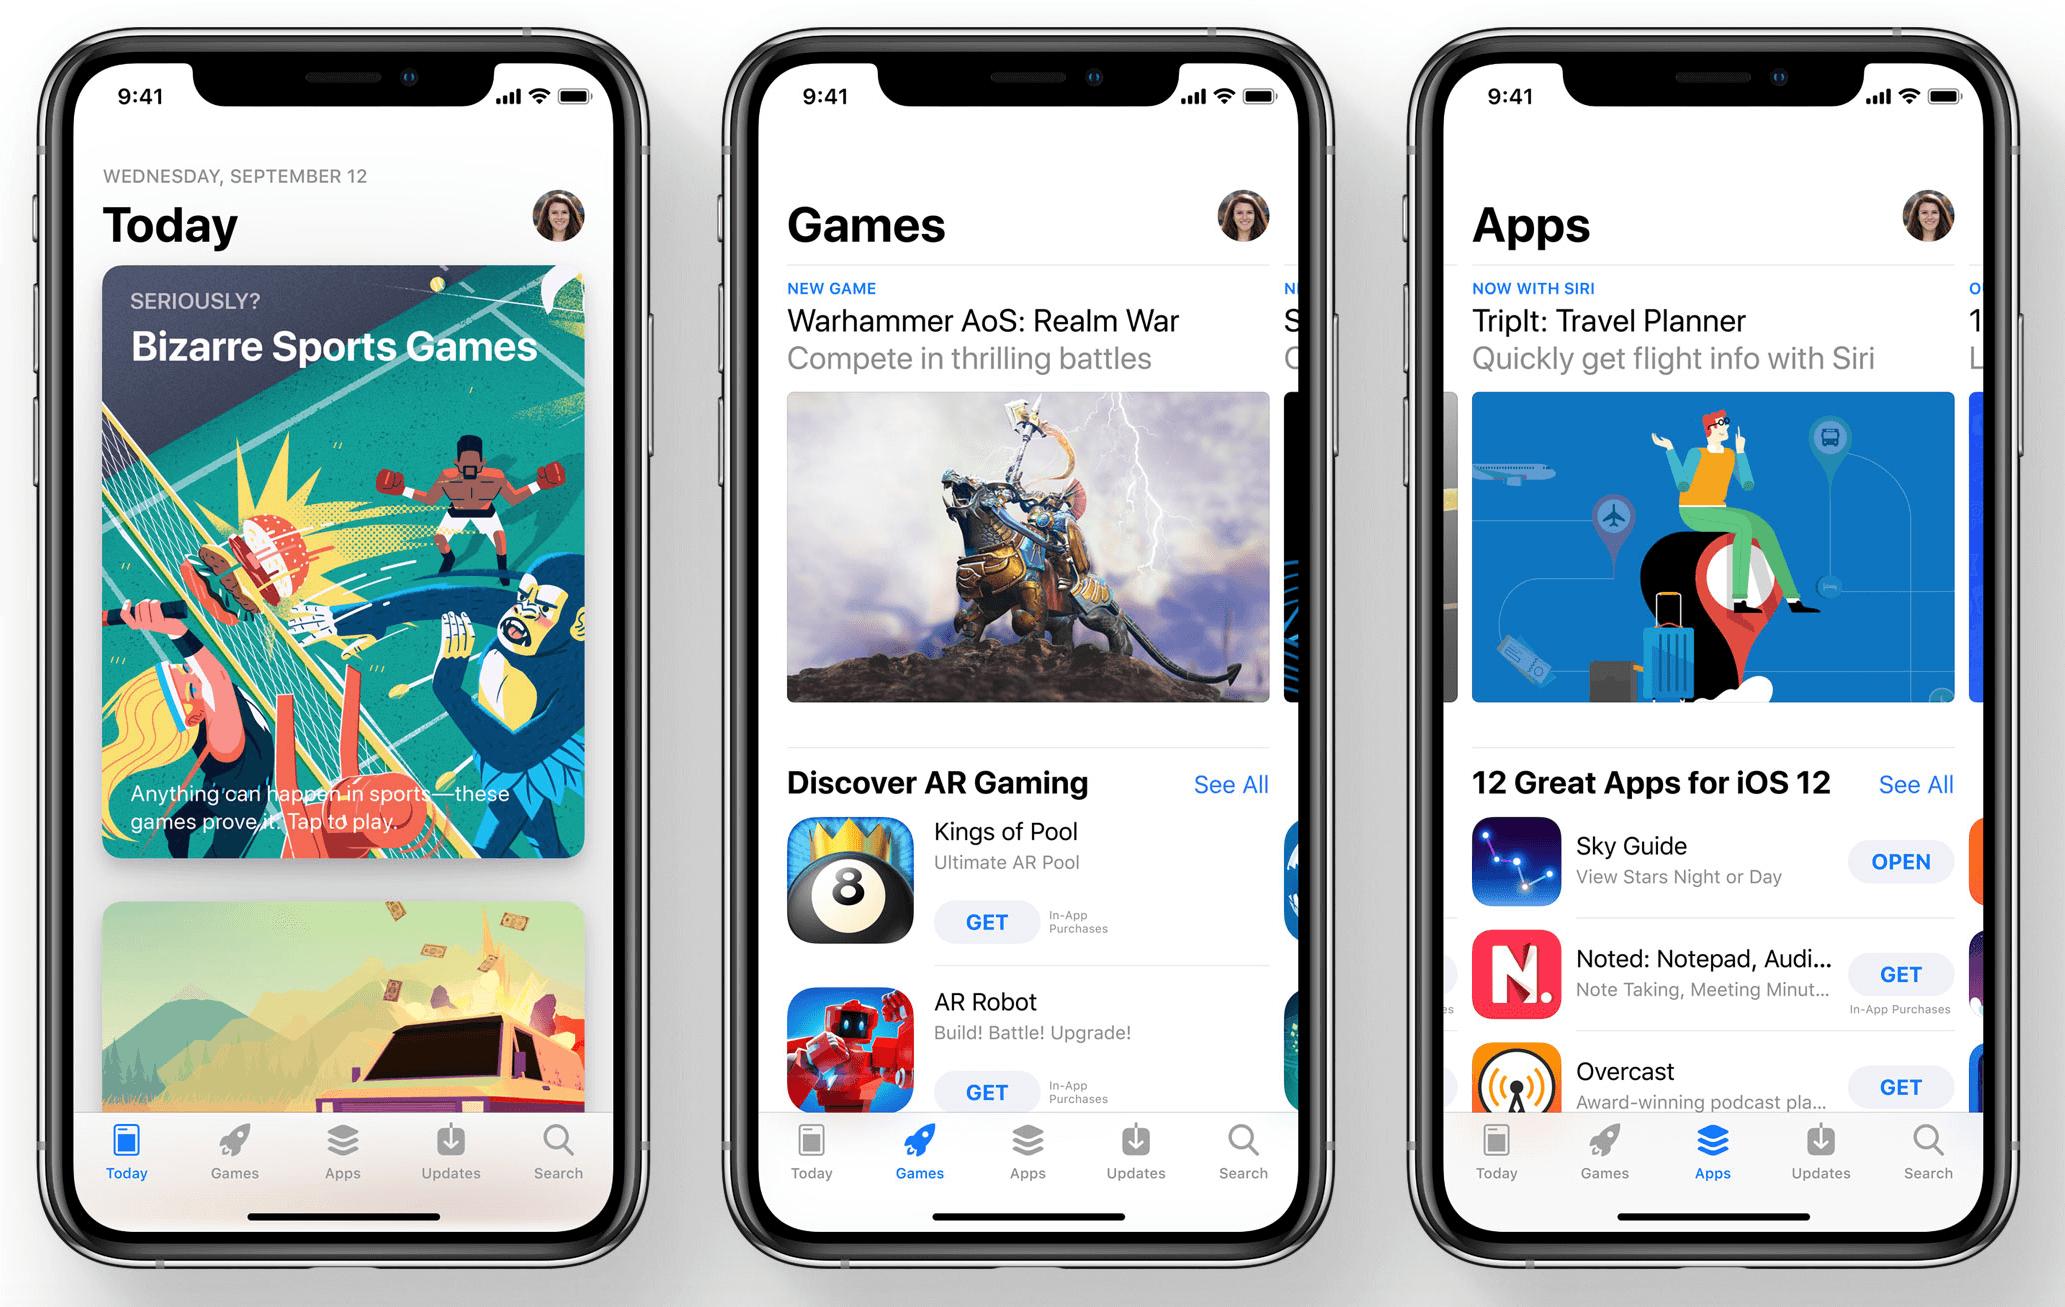 Marketing partner: App Store